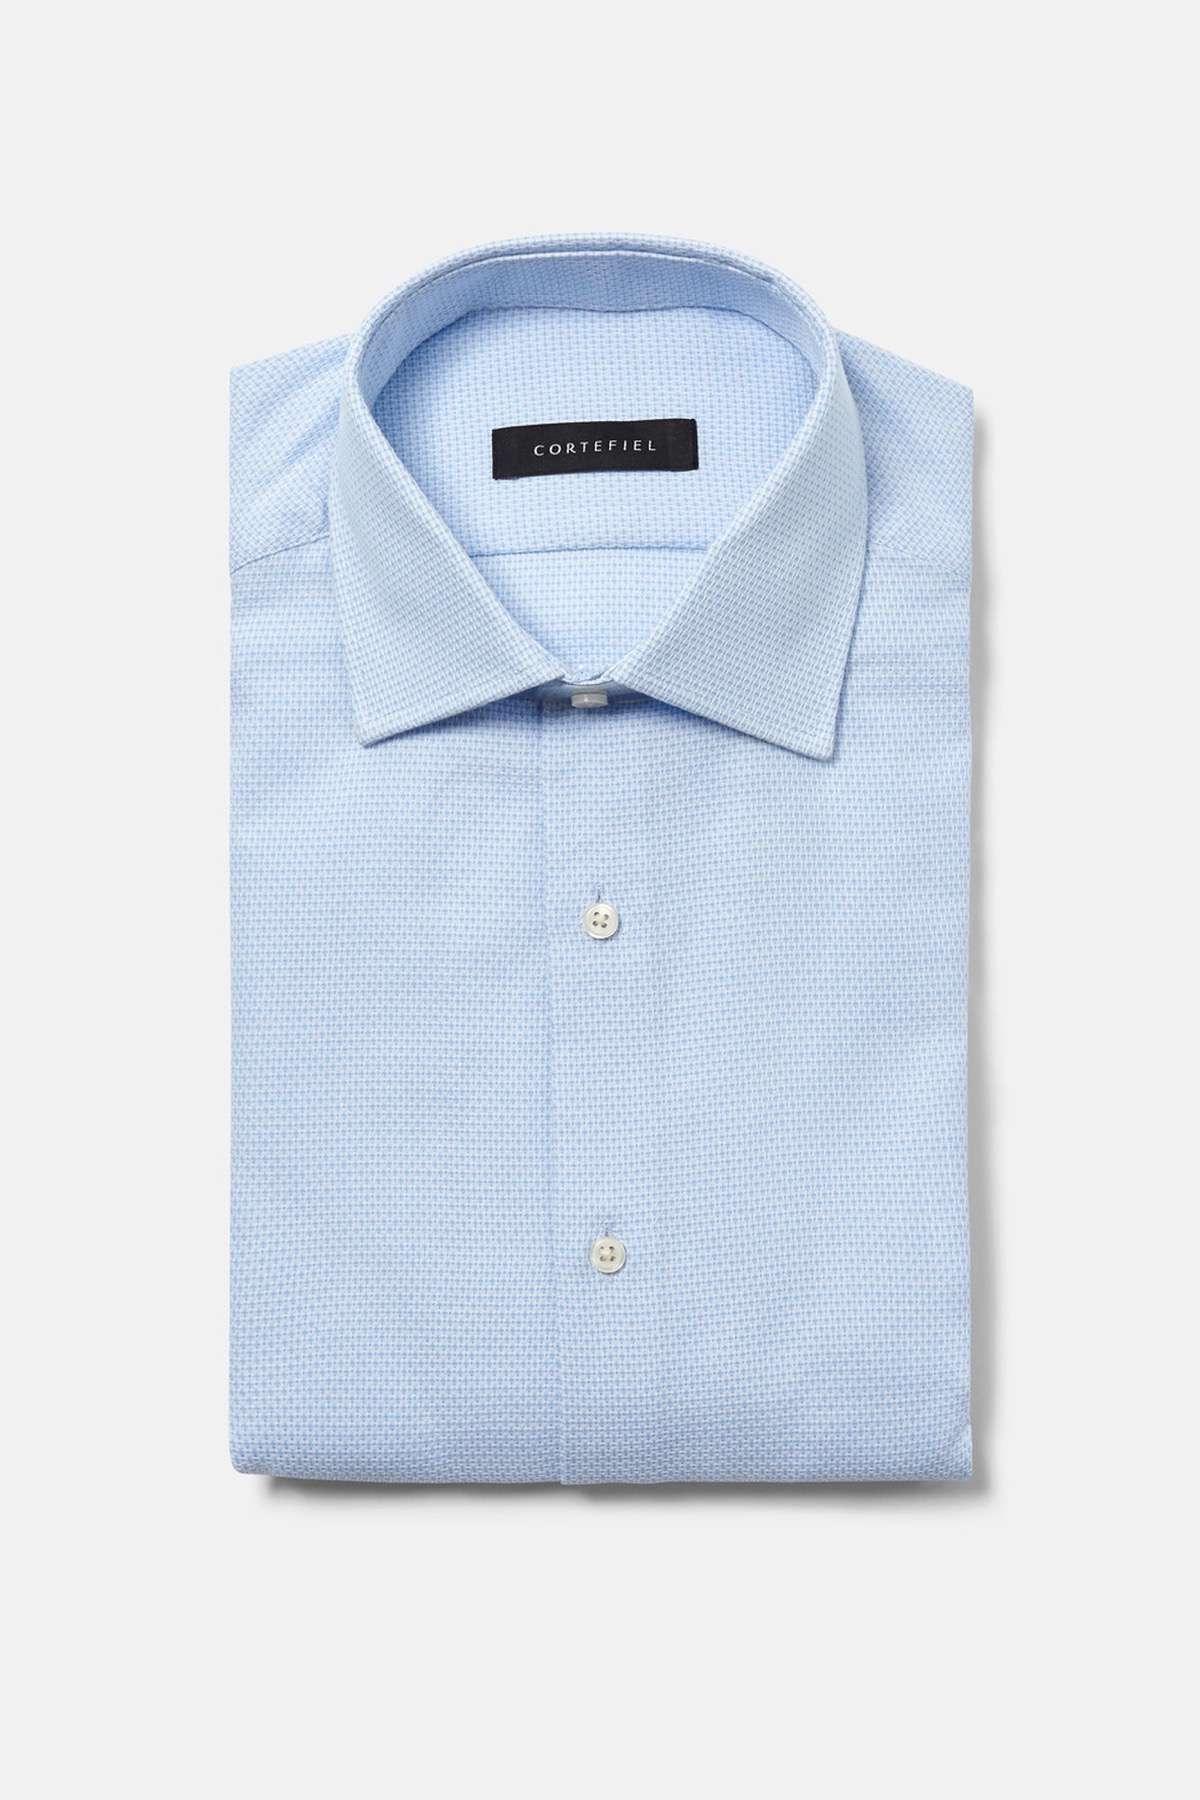 05 camisas de hombre cortefiel